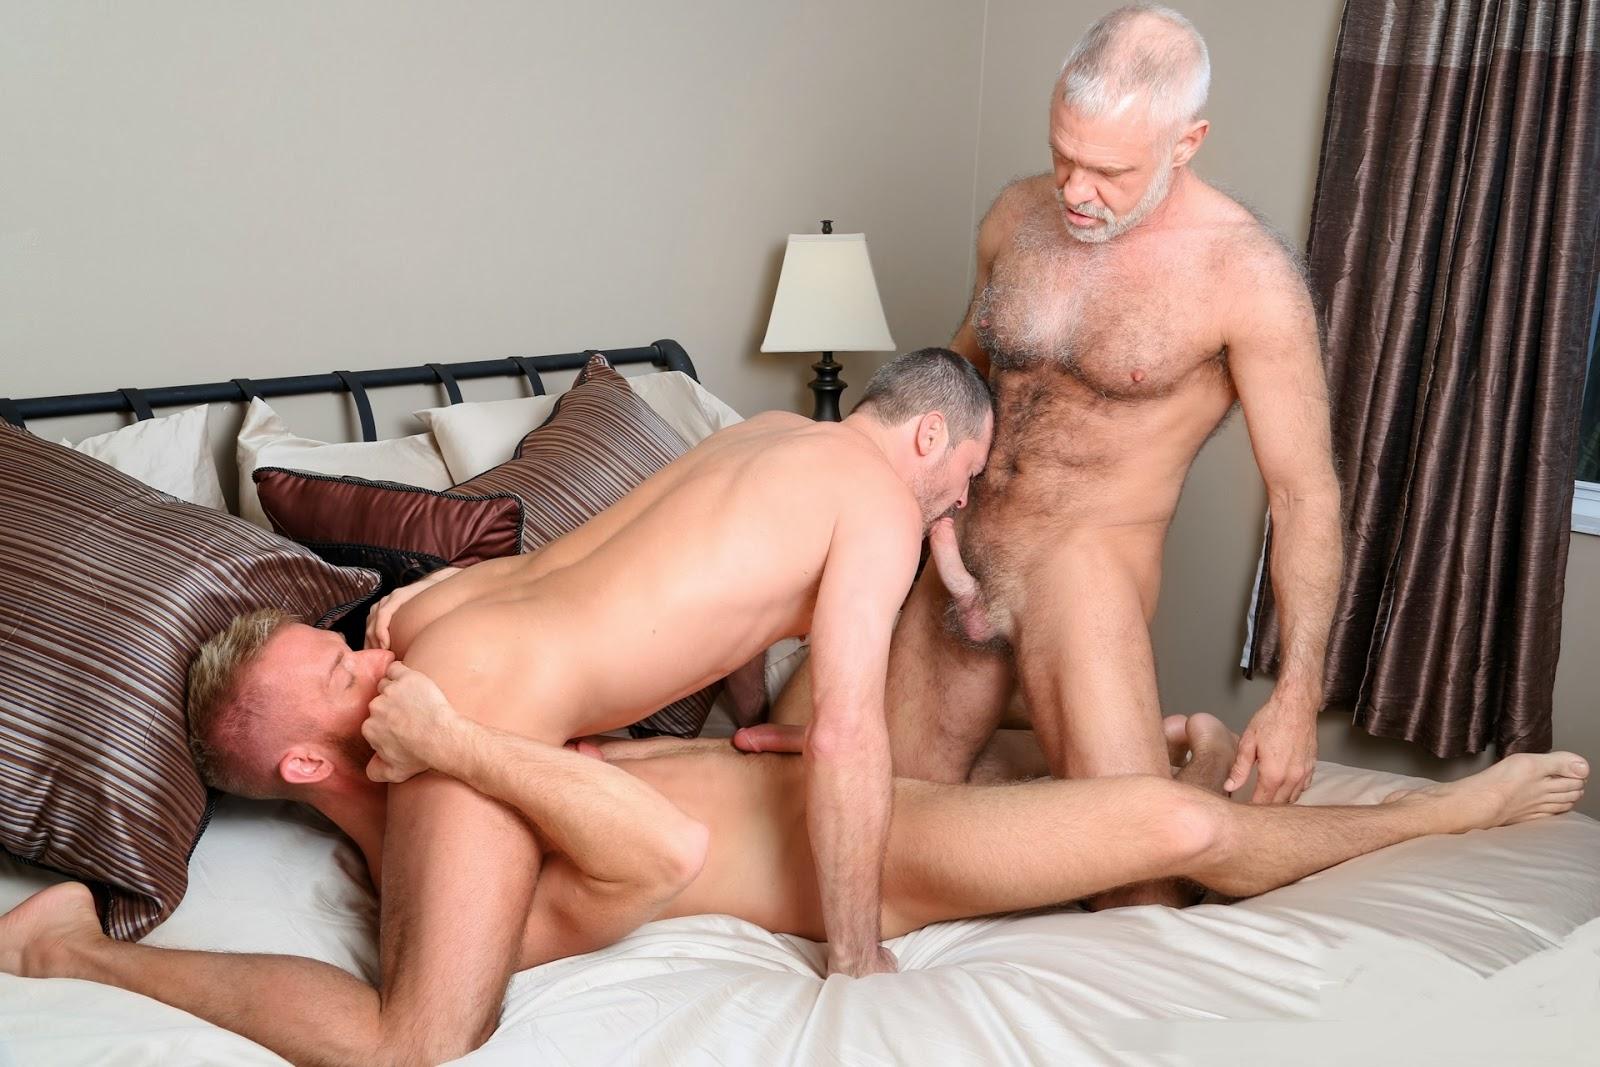 sesso fre massaggiatori erotici